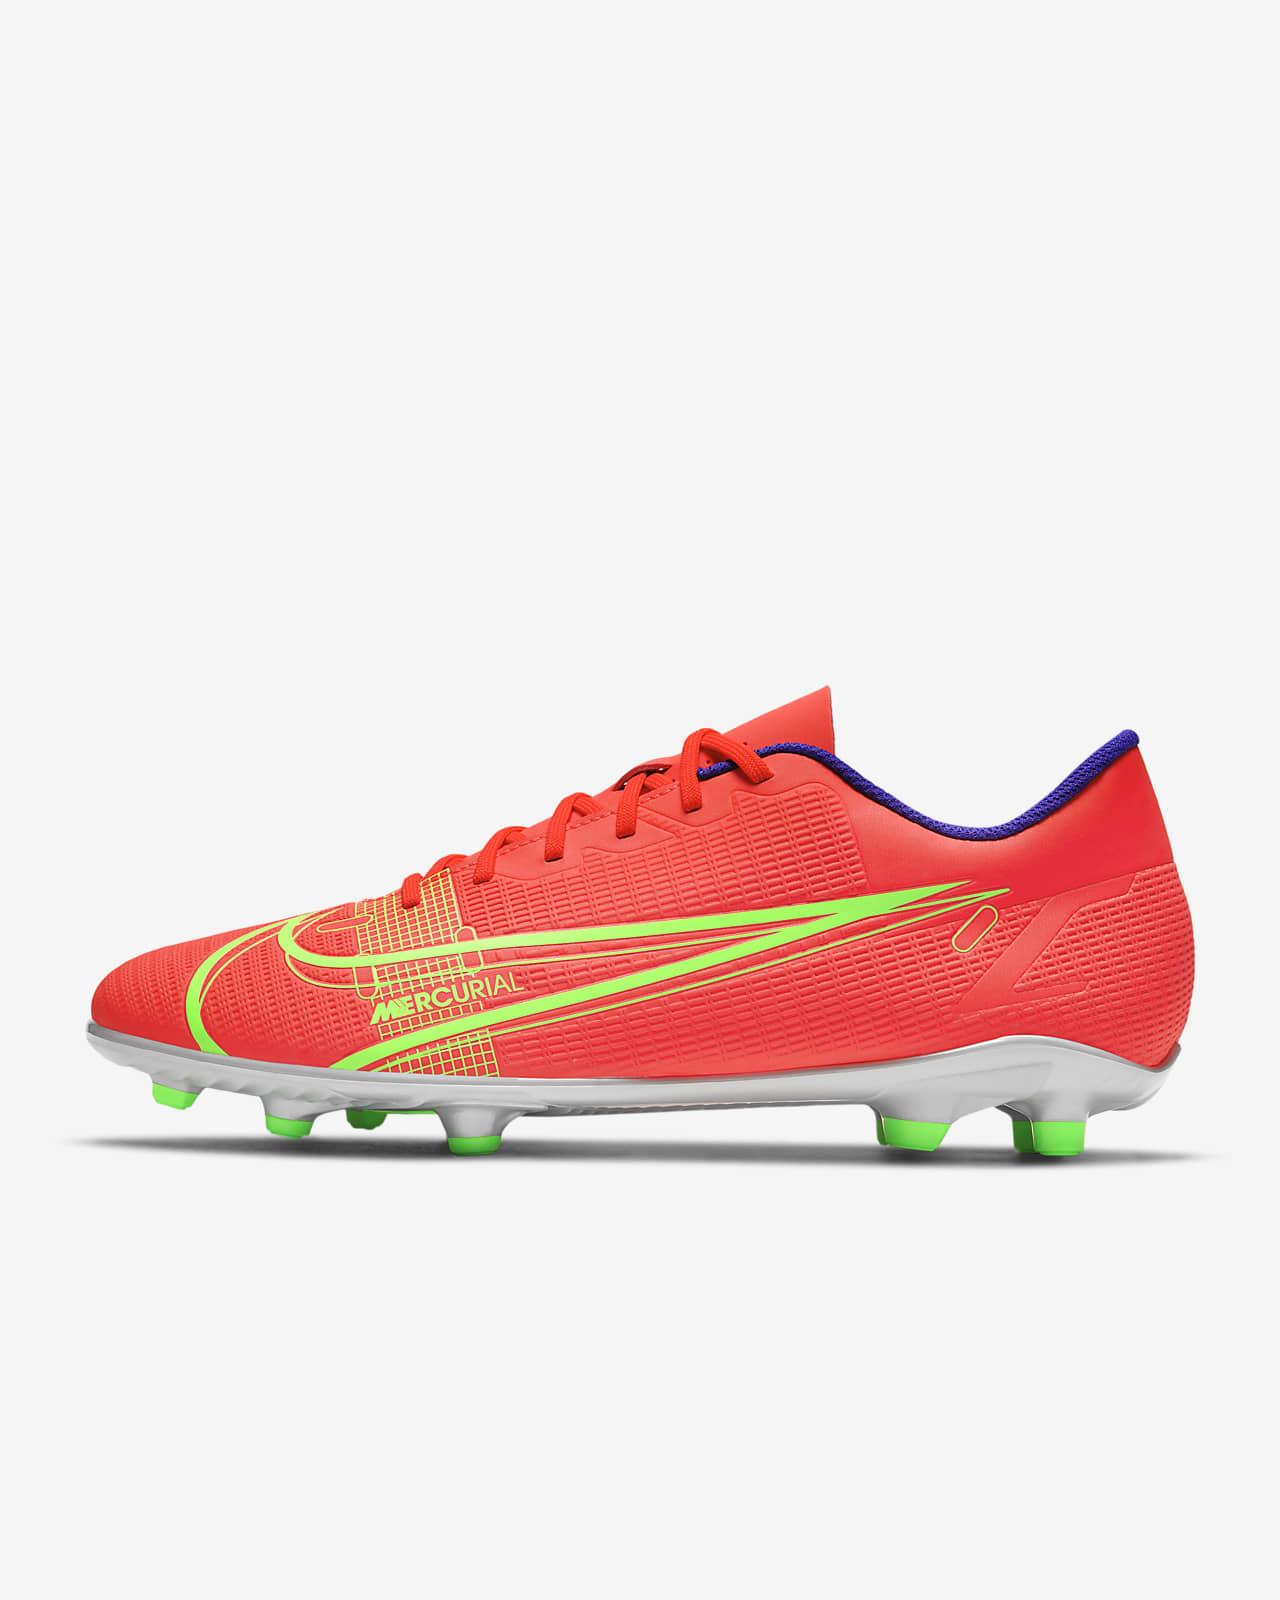 รองเท้าสตั๊ดฟุตบอลสำหรับพื้นหลายประเภท Nike Mercurial Vapor 14 Club FG/MG